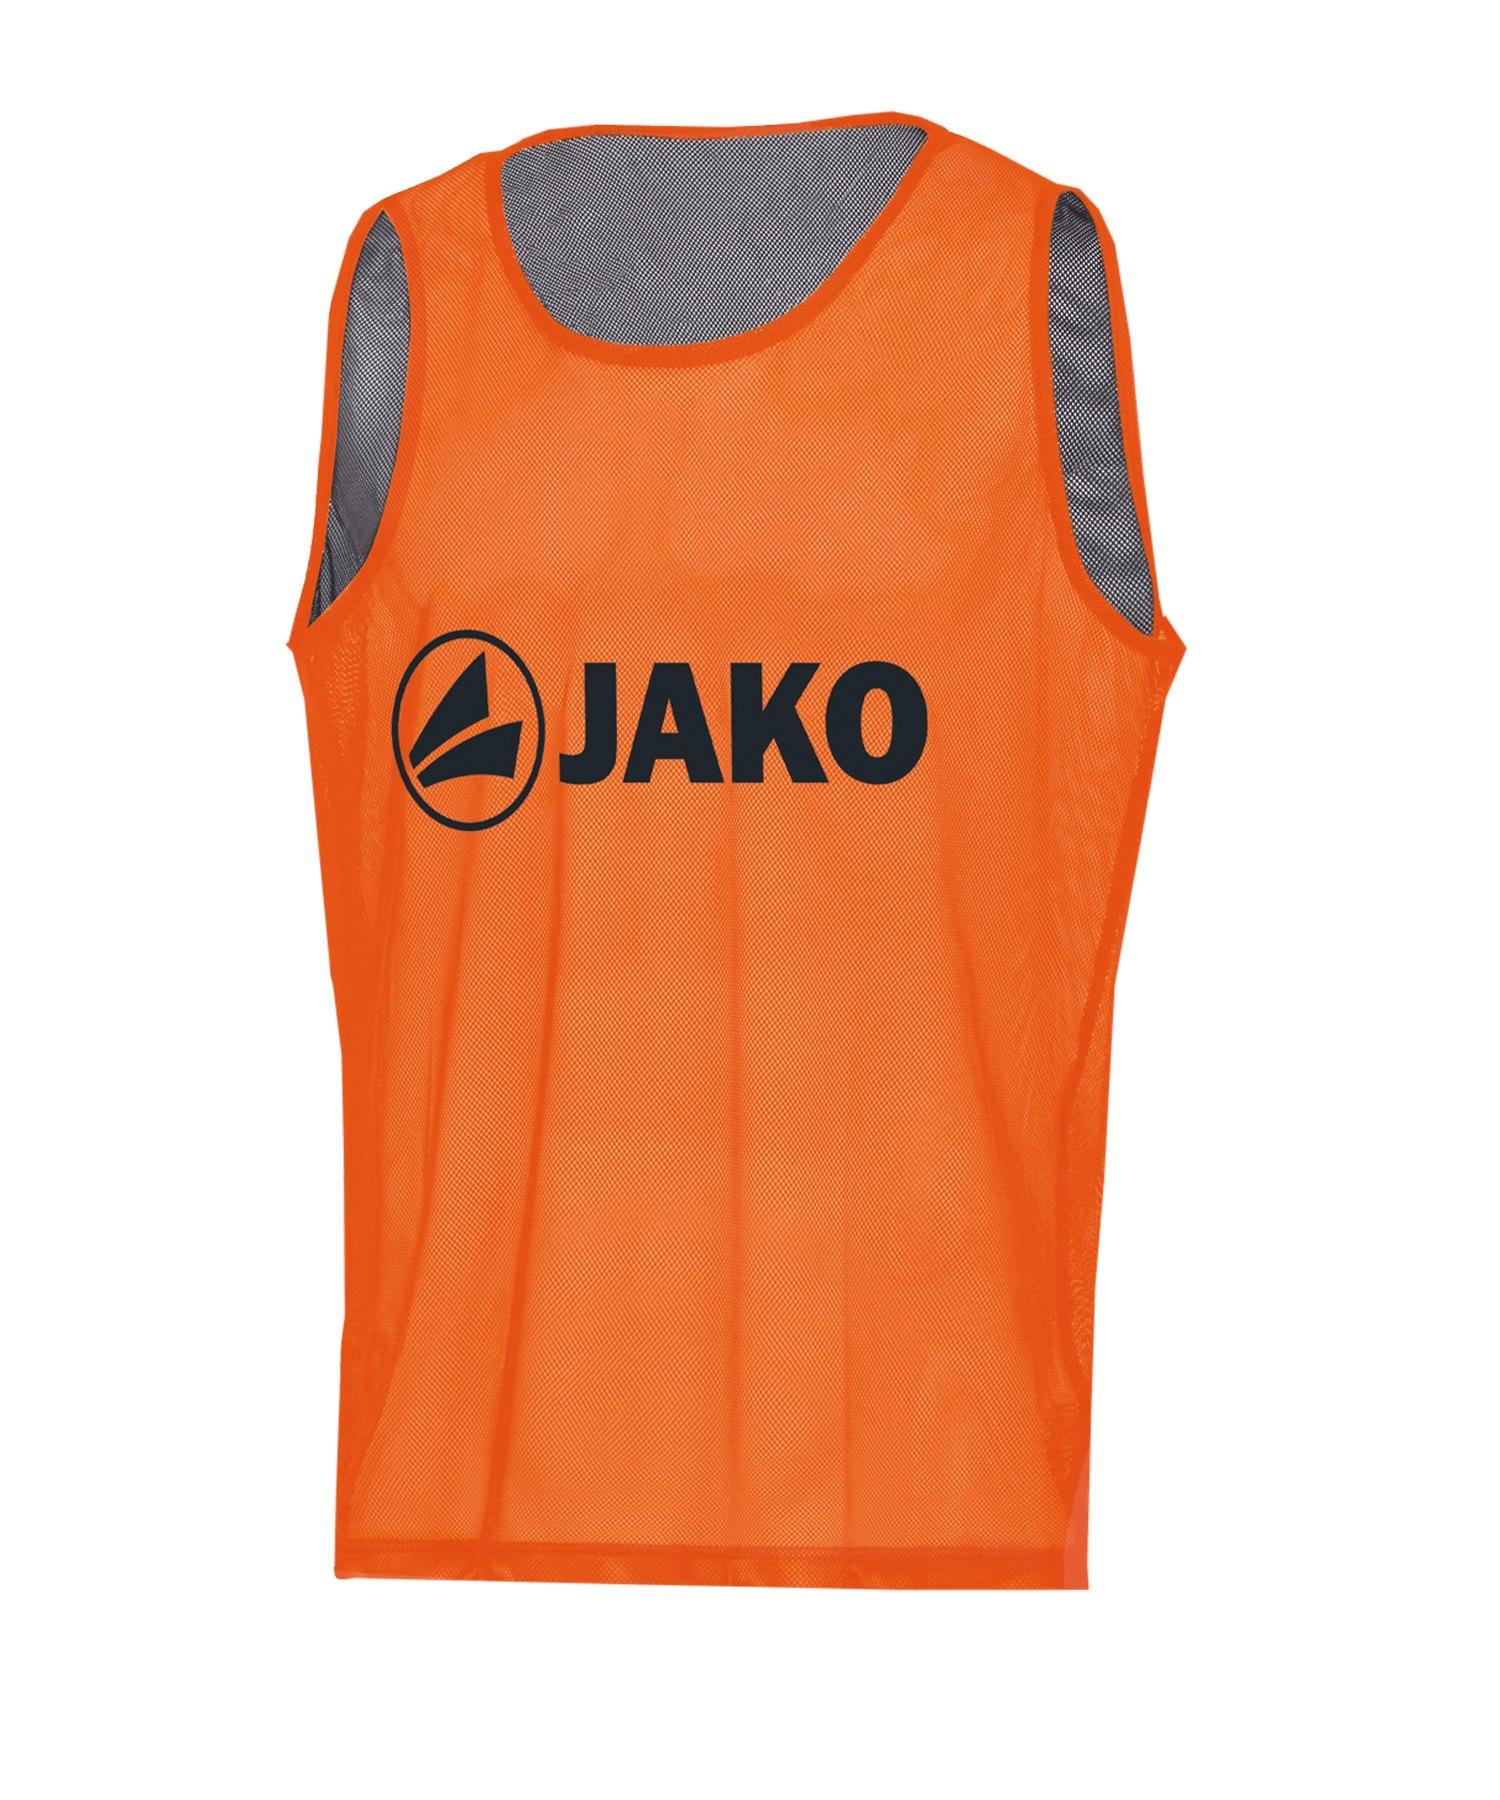 JAKO Reverse Kennzeichnungshemd Orange F19 - orange